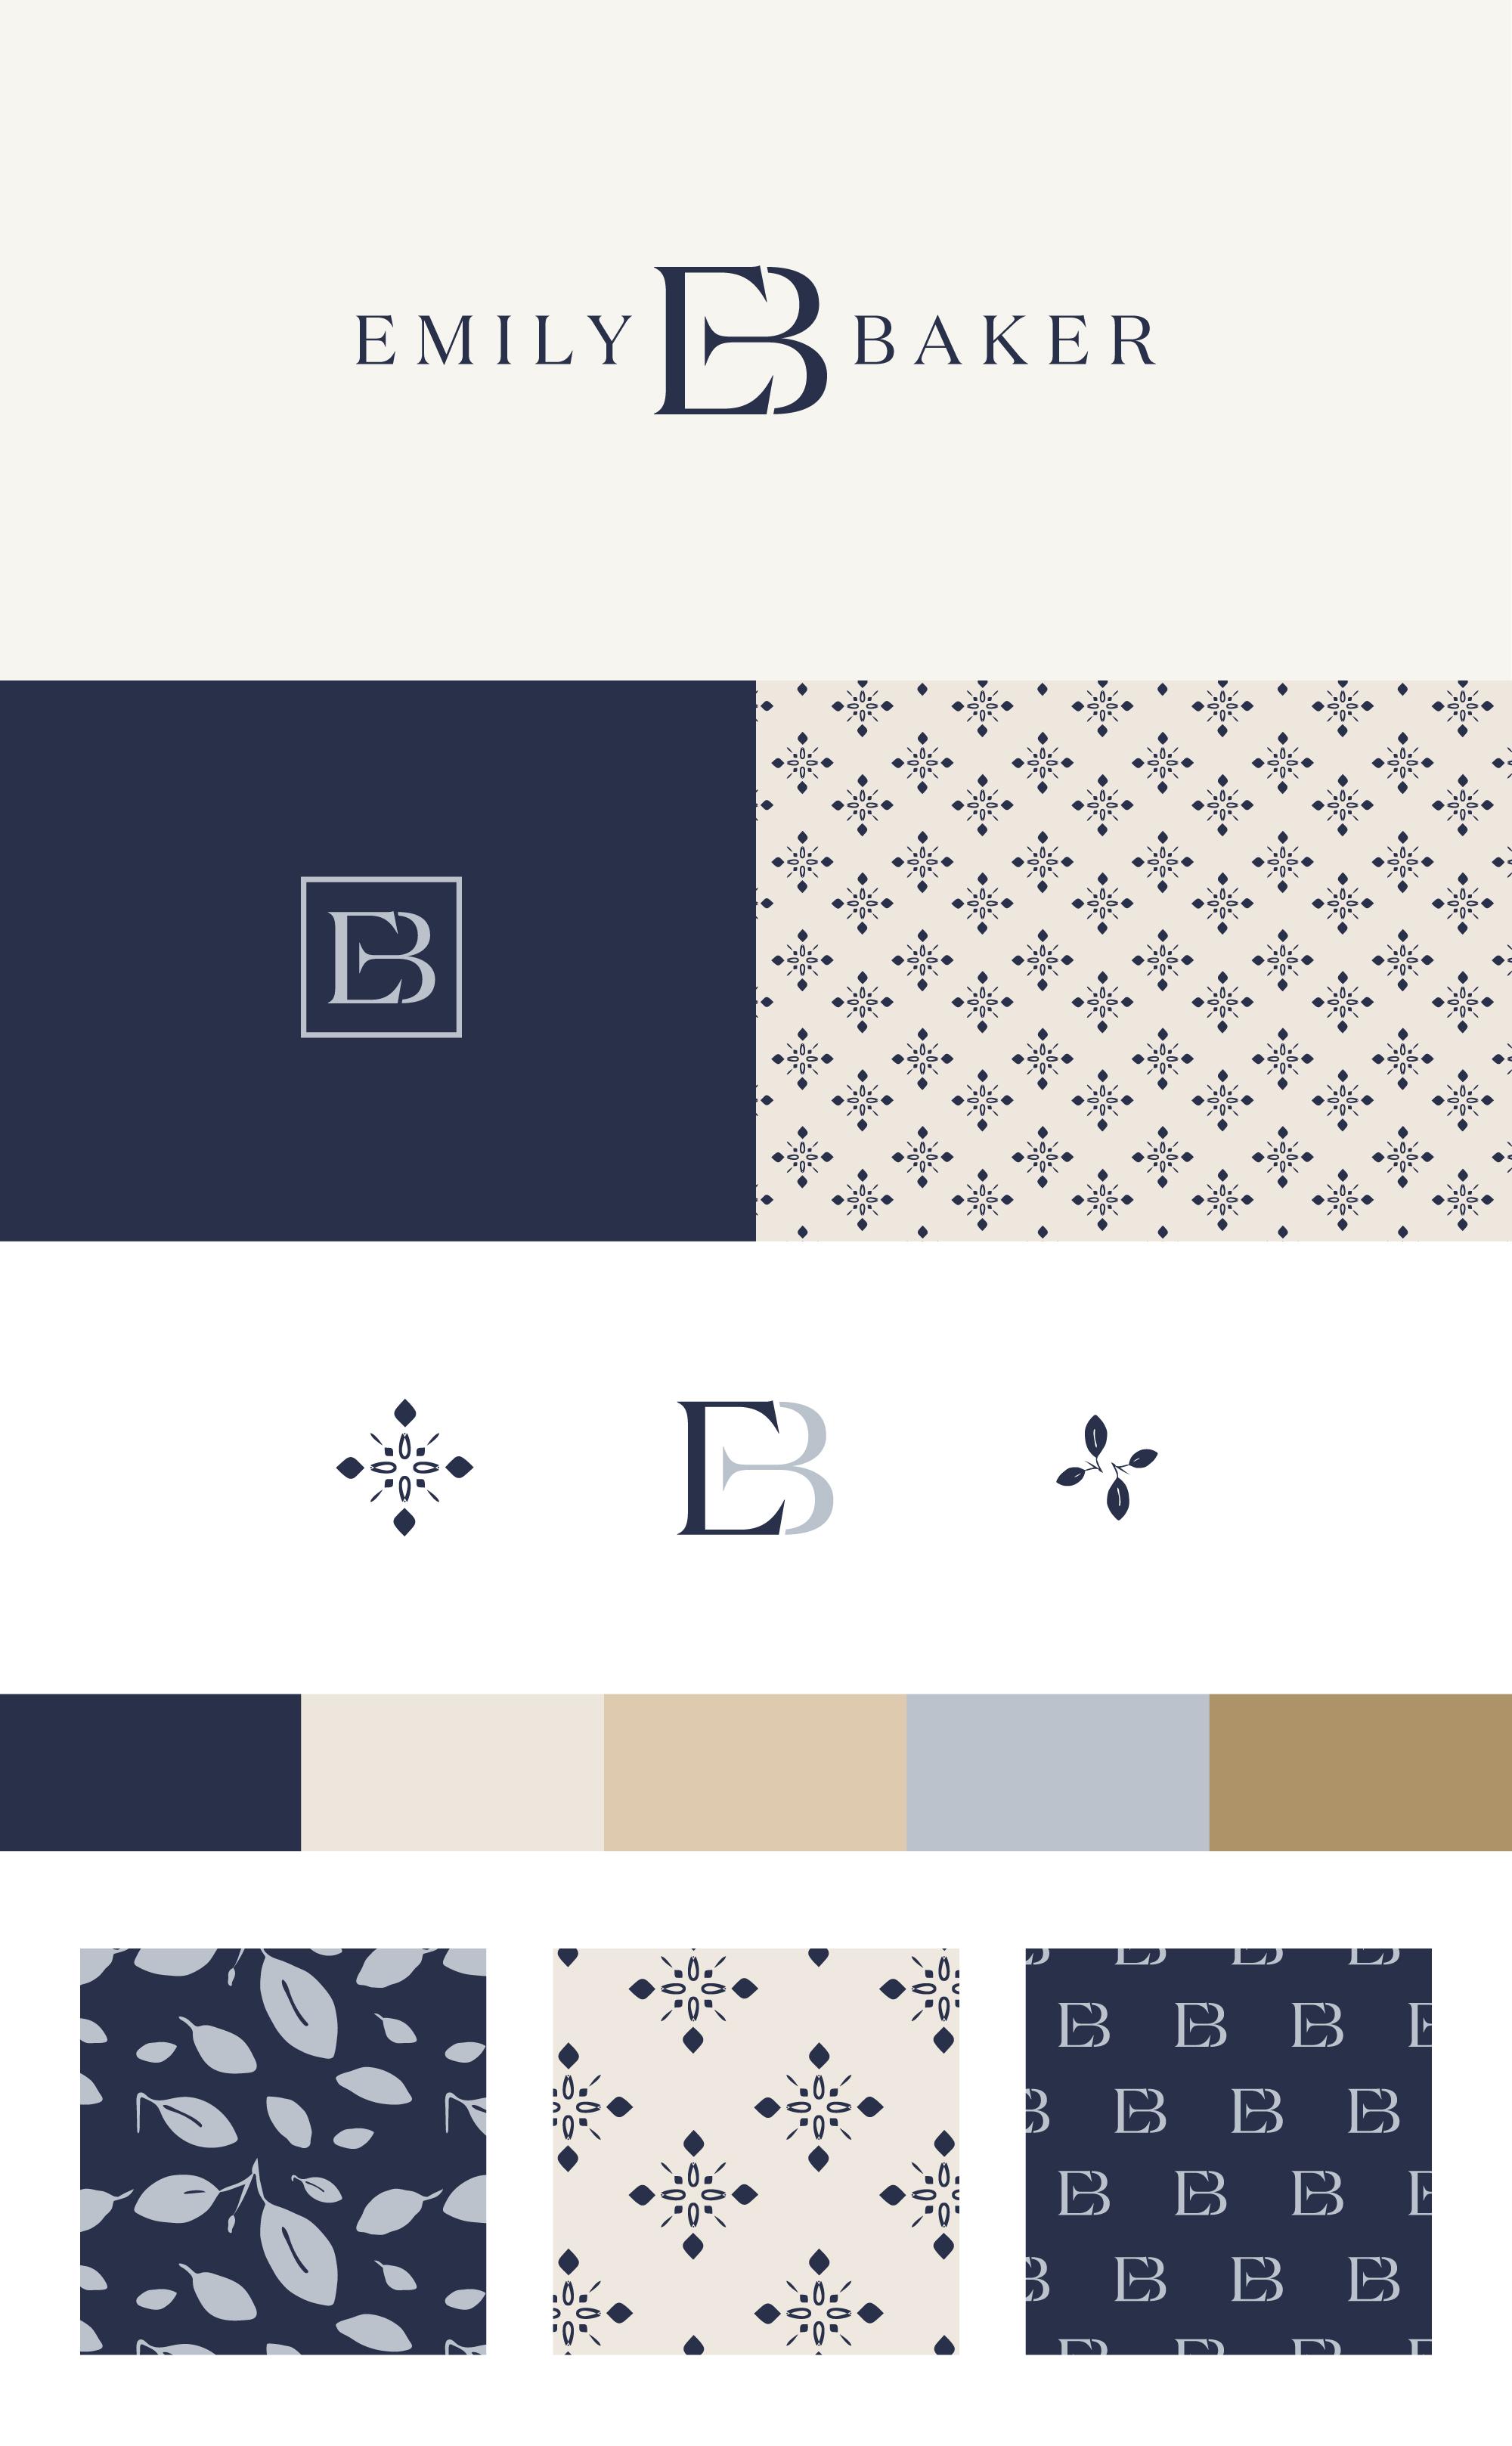 Emily Baker brand identity   Spruce Rd.   logo design, pattern design, interior design, branding, timeless, classic